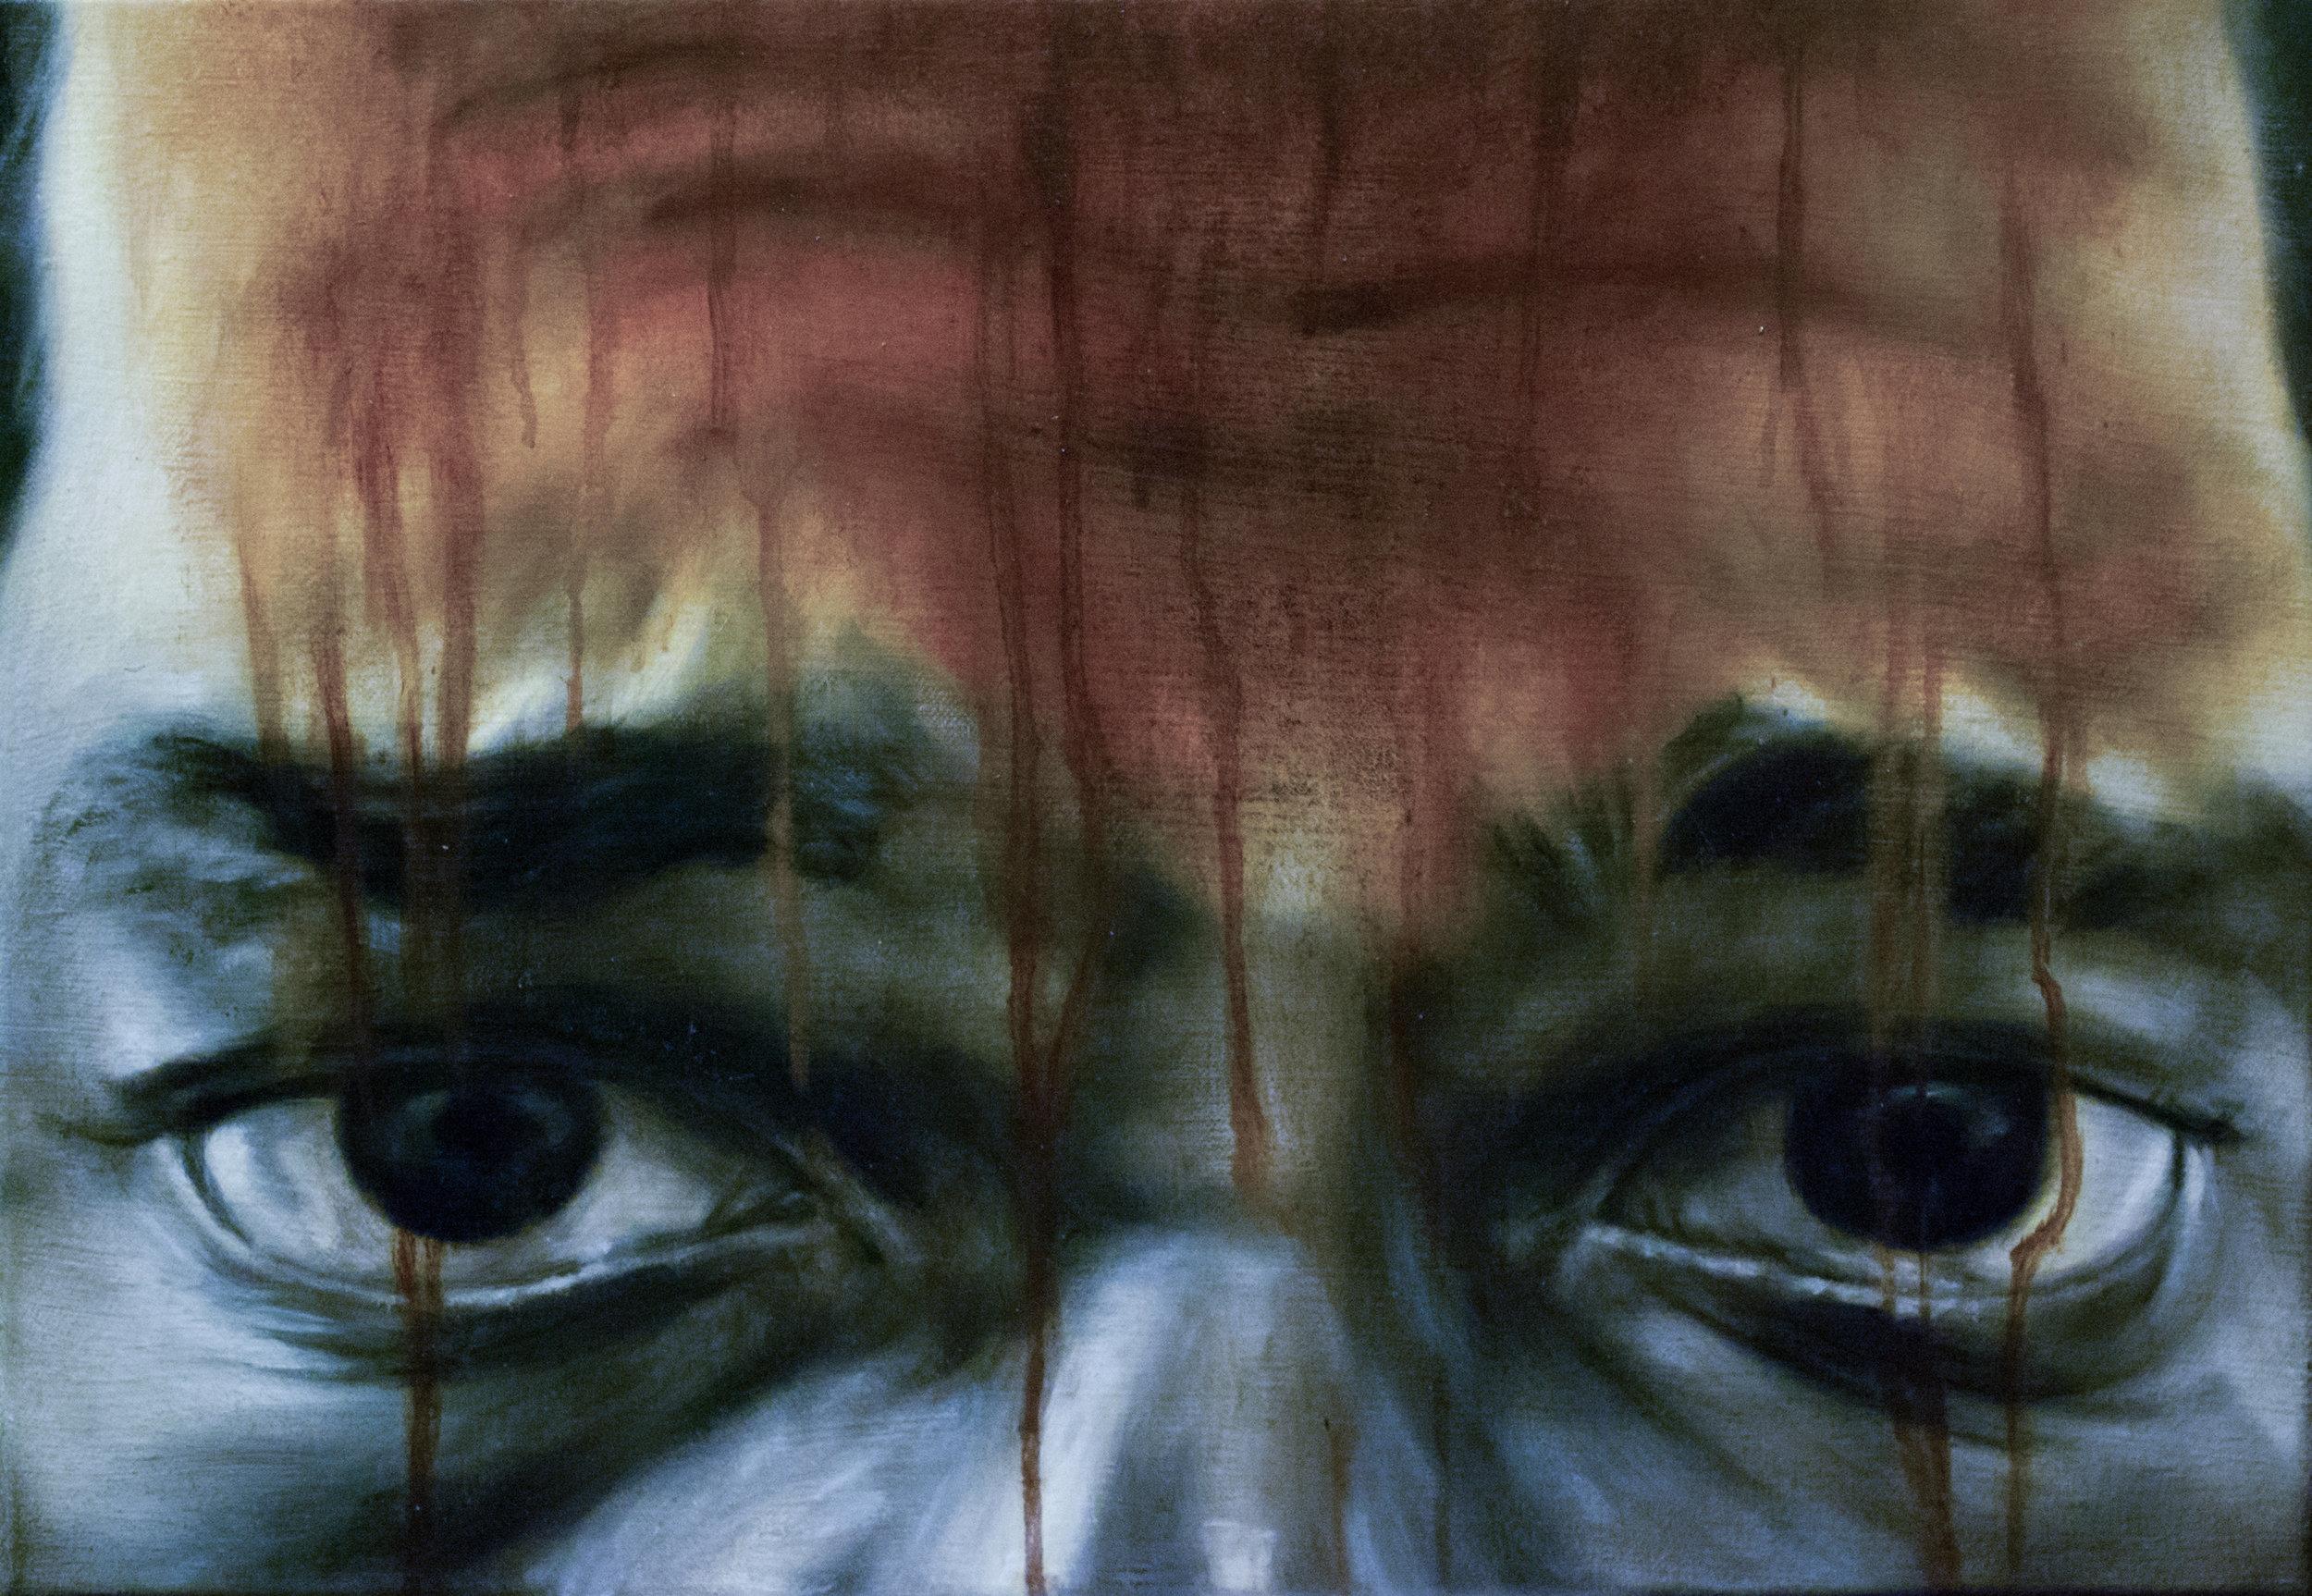 Eyes_of_a_black_man_in_america.jpg